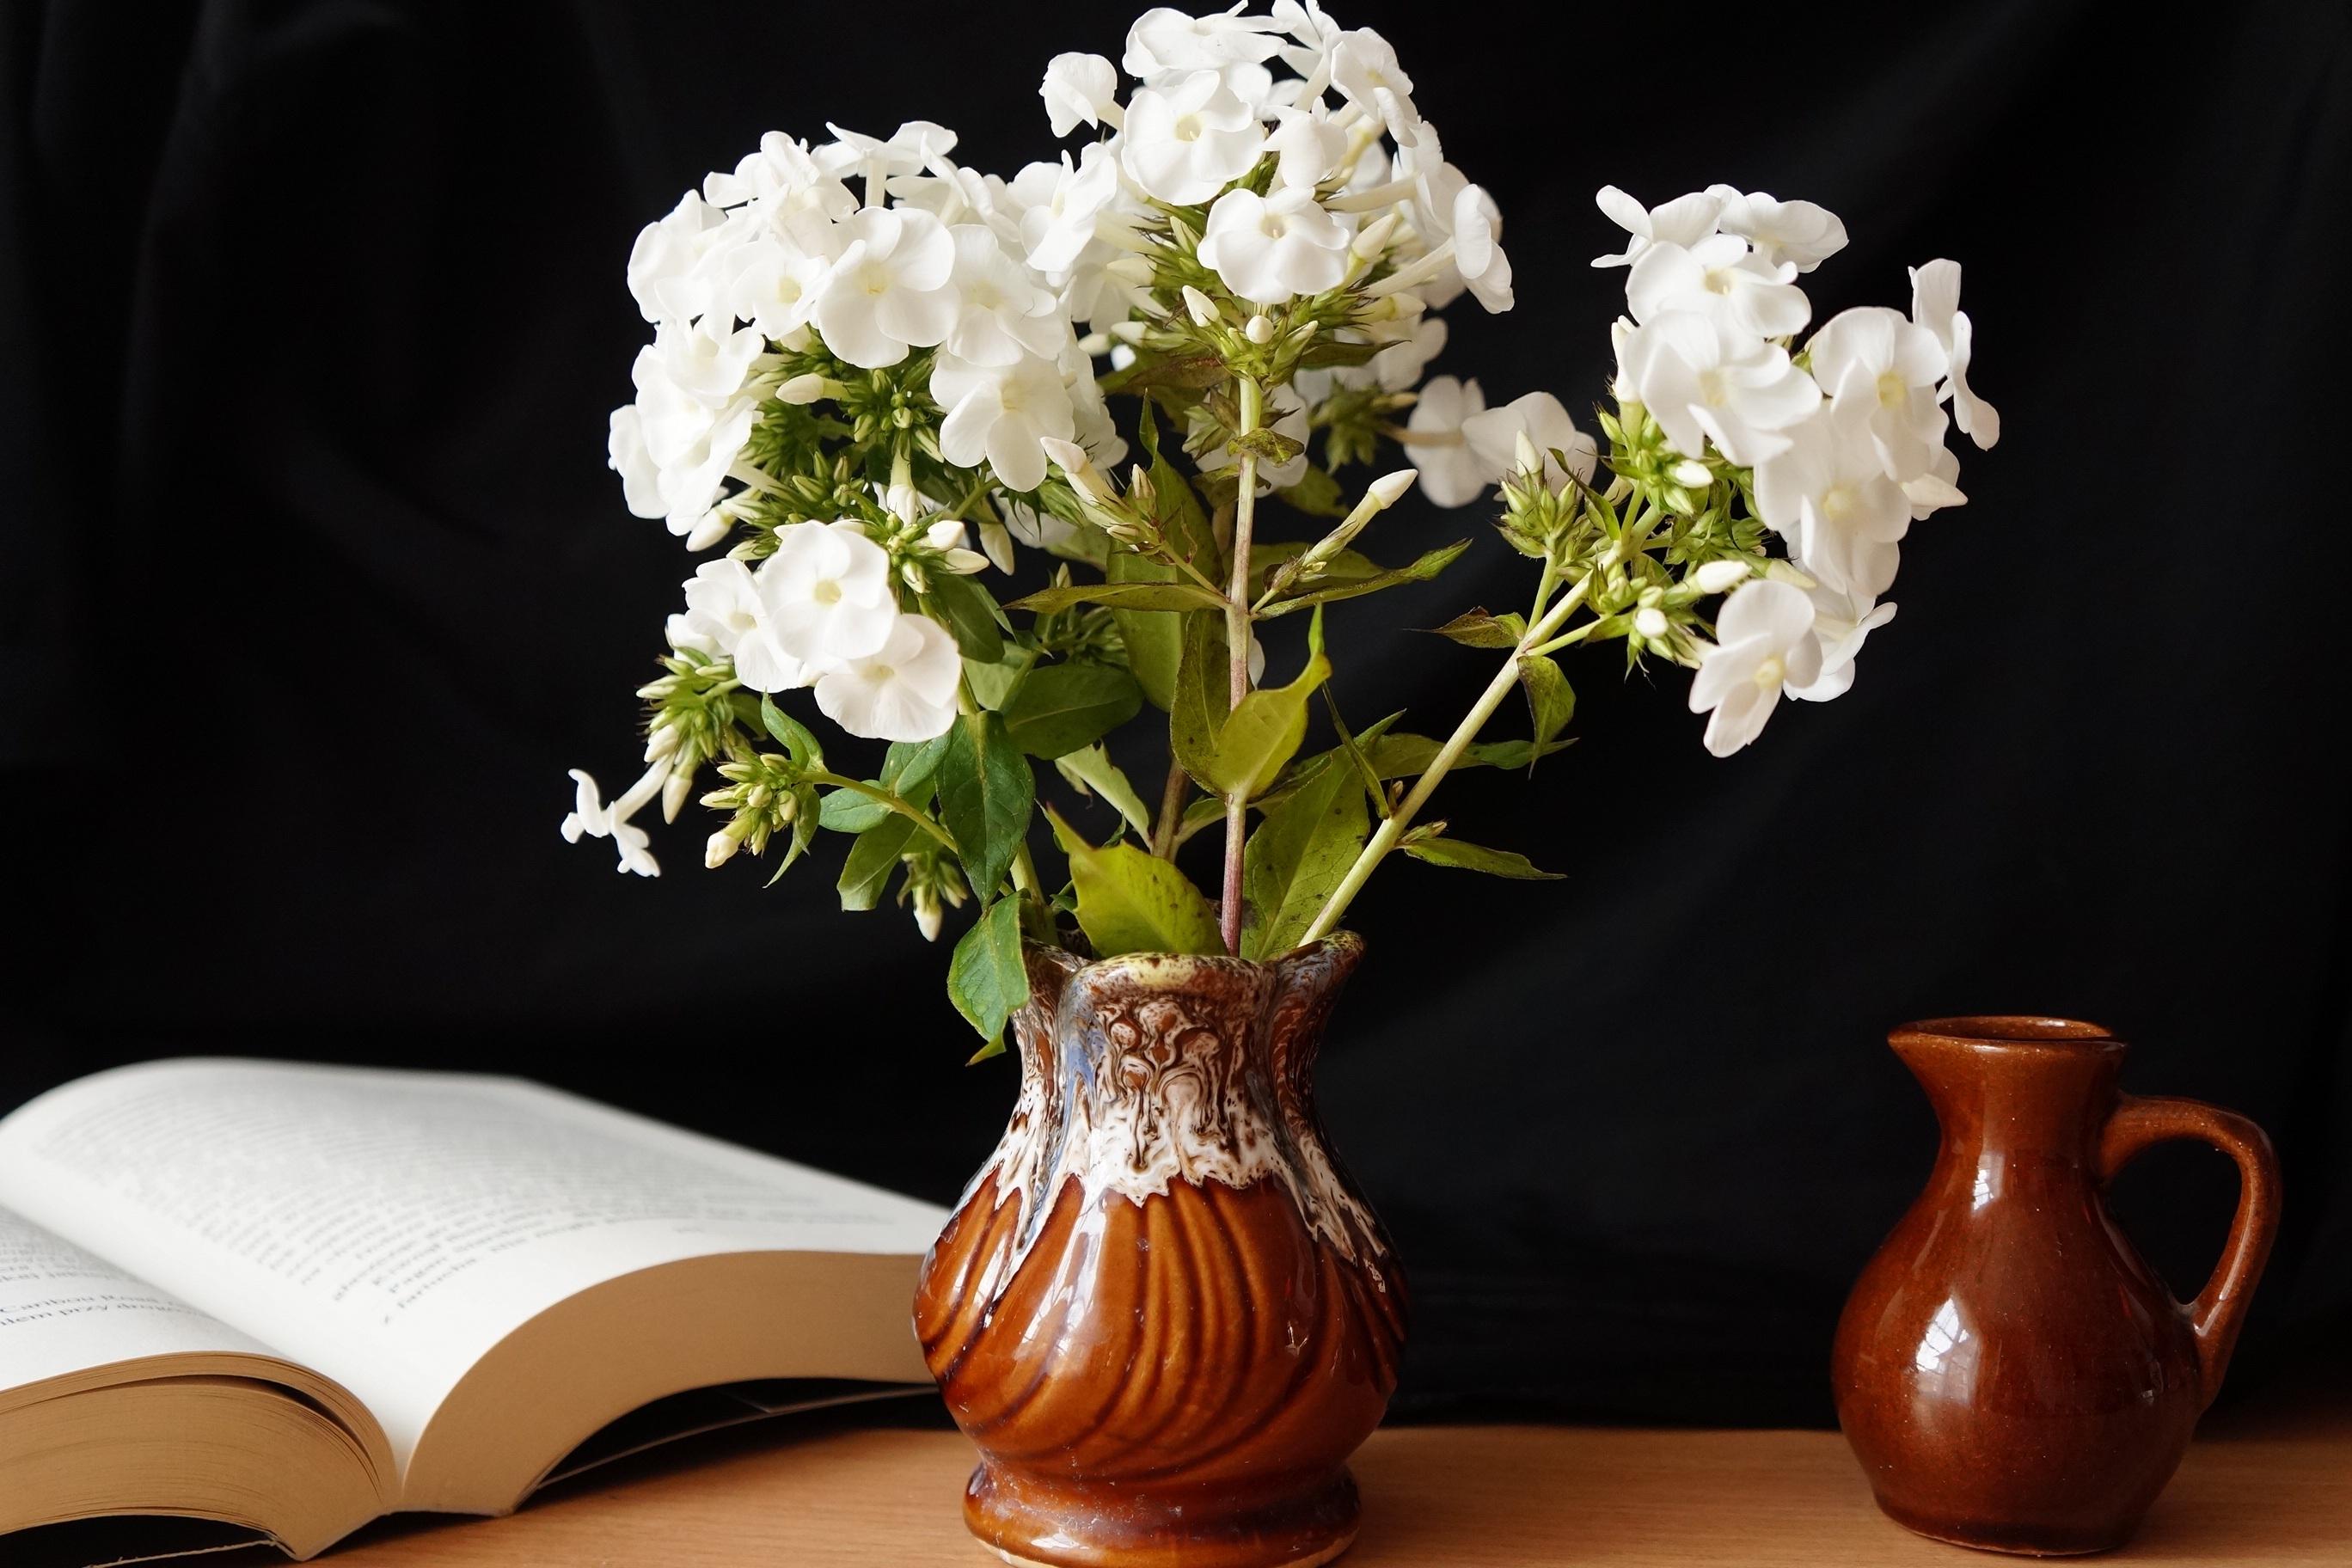 Скачать книгу флористика бесплатно